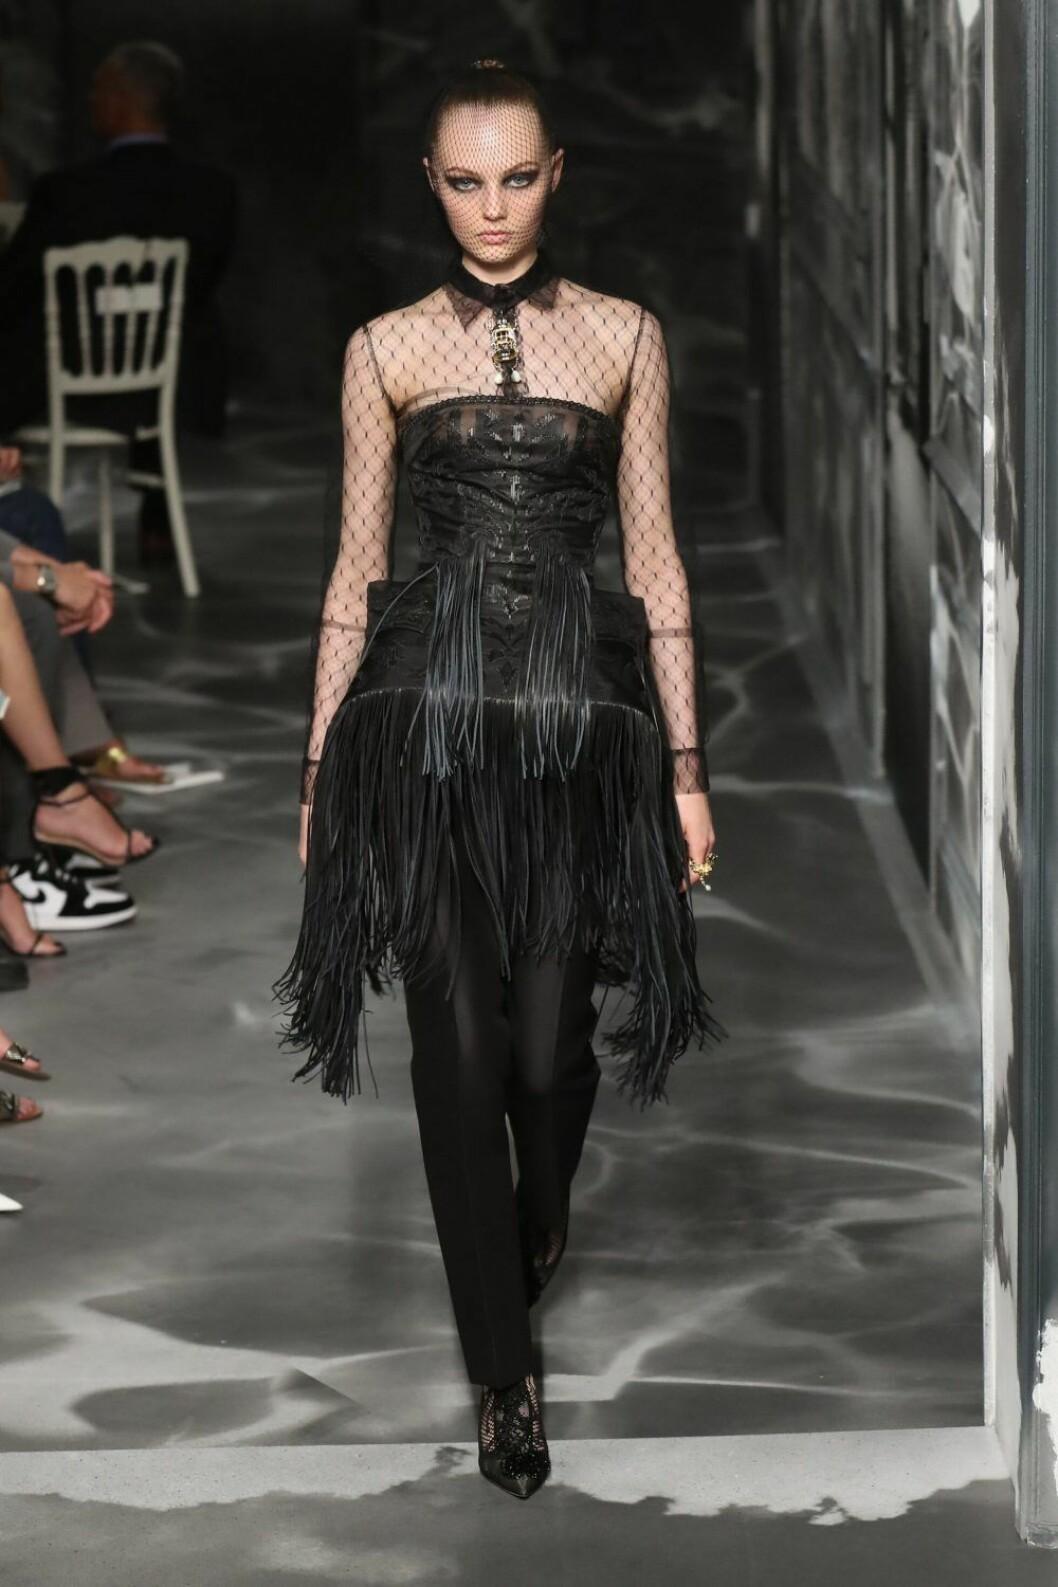 Christian Dior AW19/20, svart look med detaljer av spets och fransar.